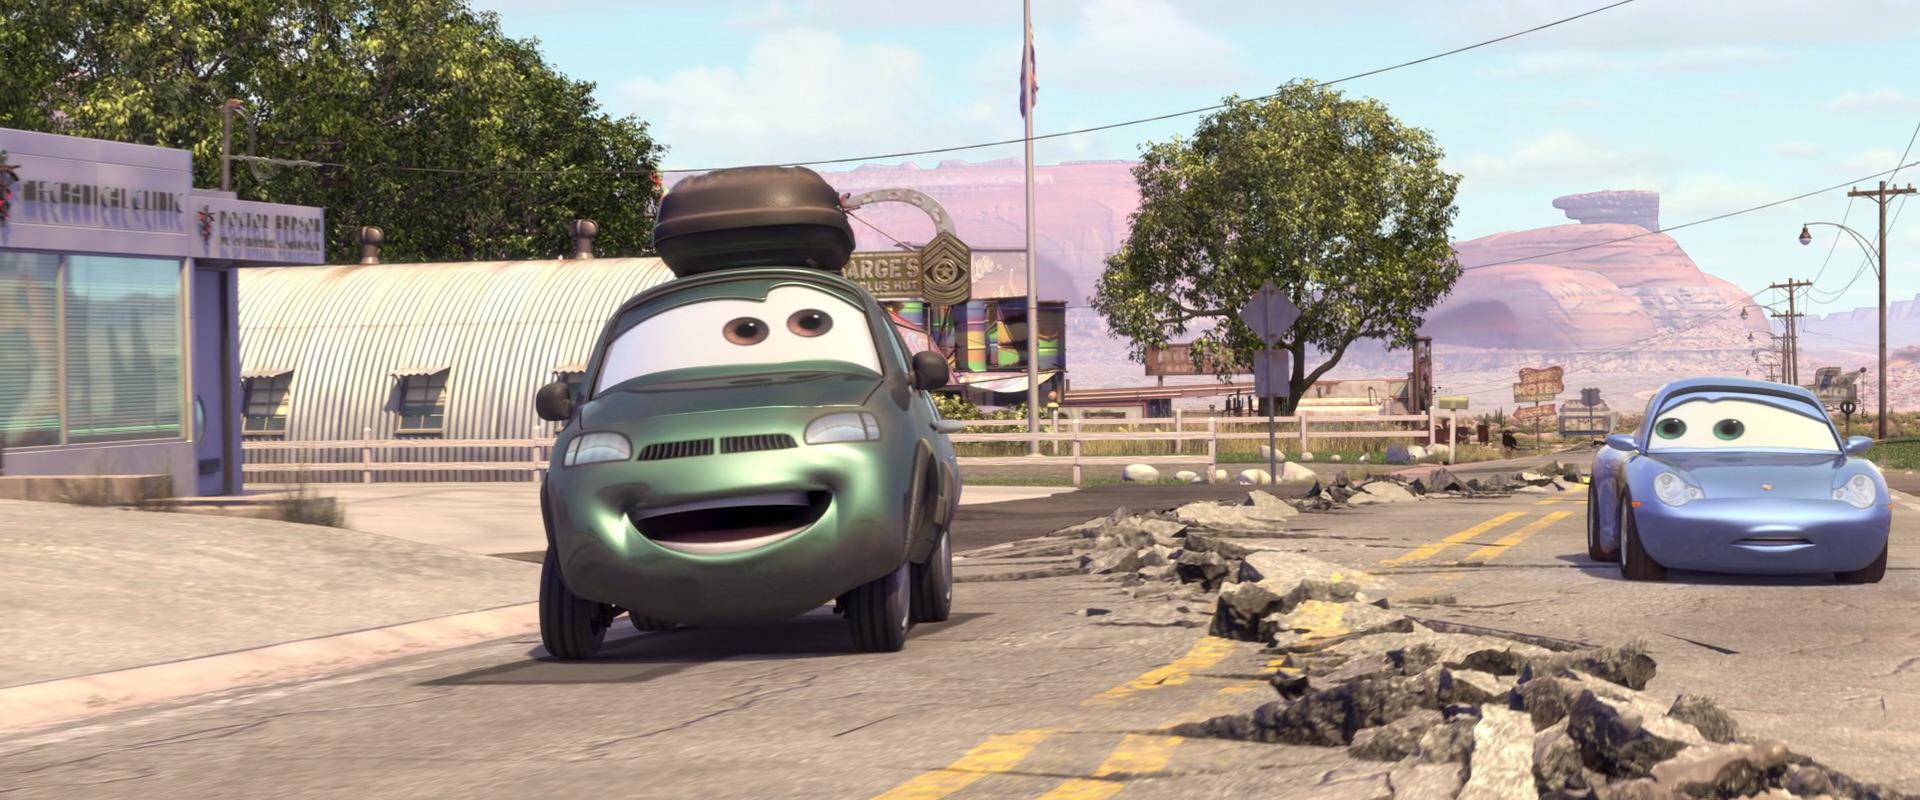 van-personnage-cars-01